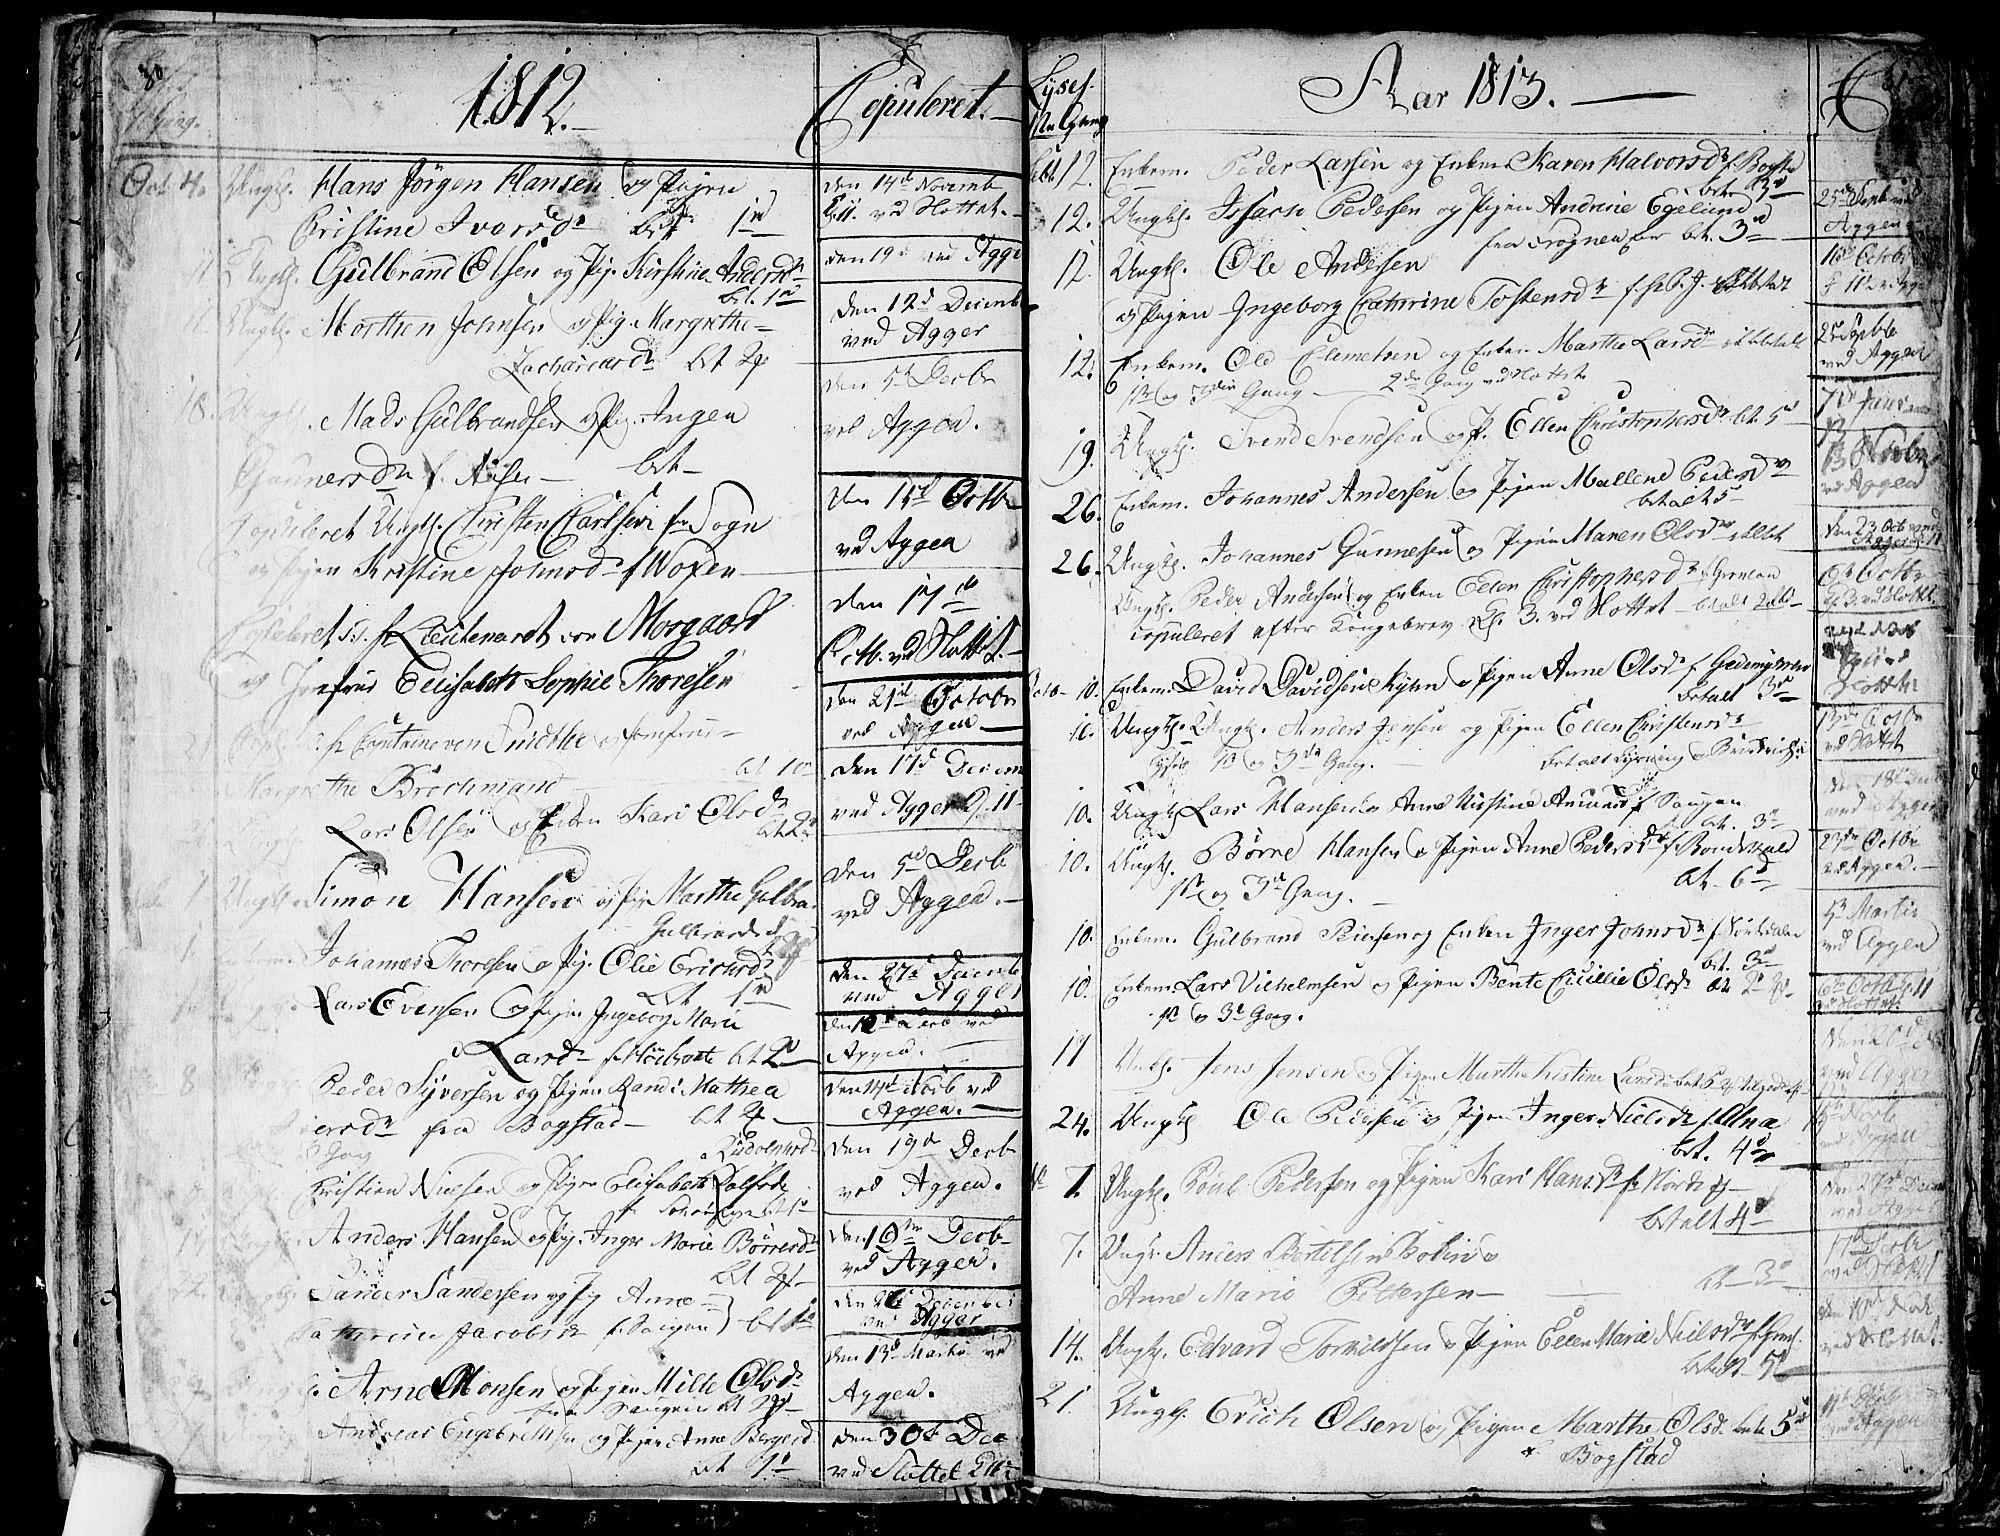 SAO, Aker prestekontor kirkebøker, G/L0001: Klokkerbok nr. 1, 1796-1826, s. 30-31